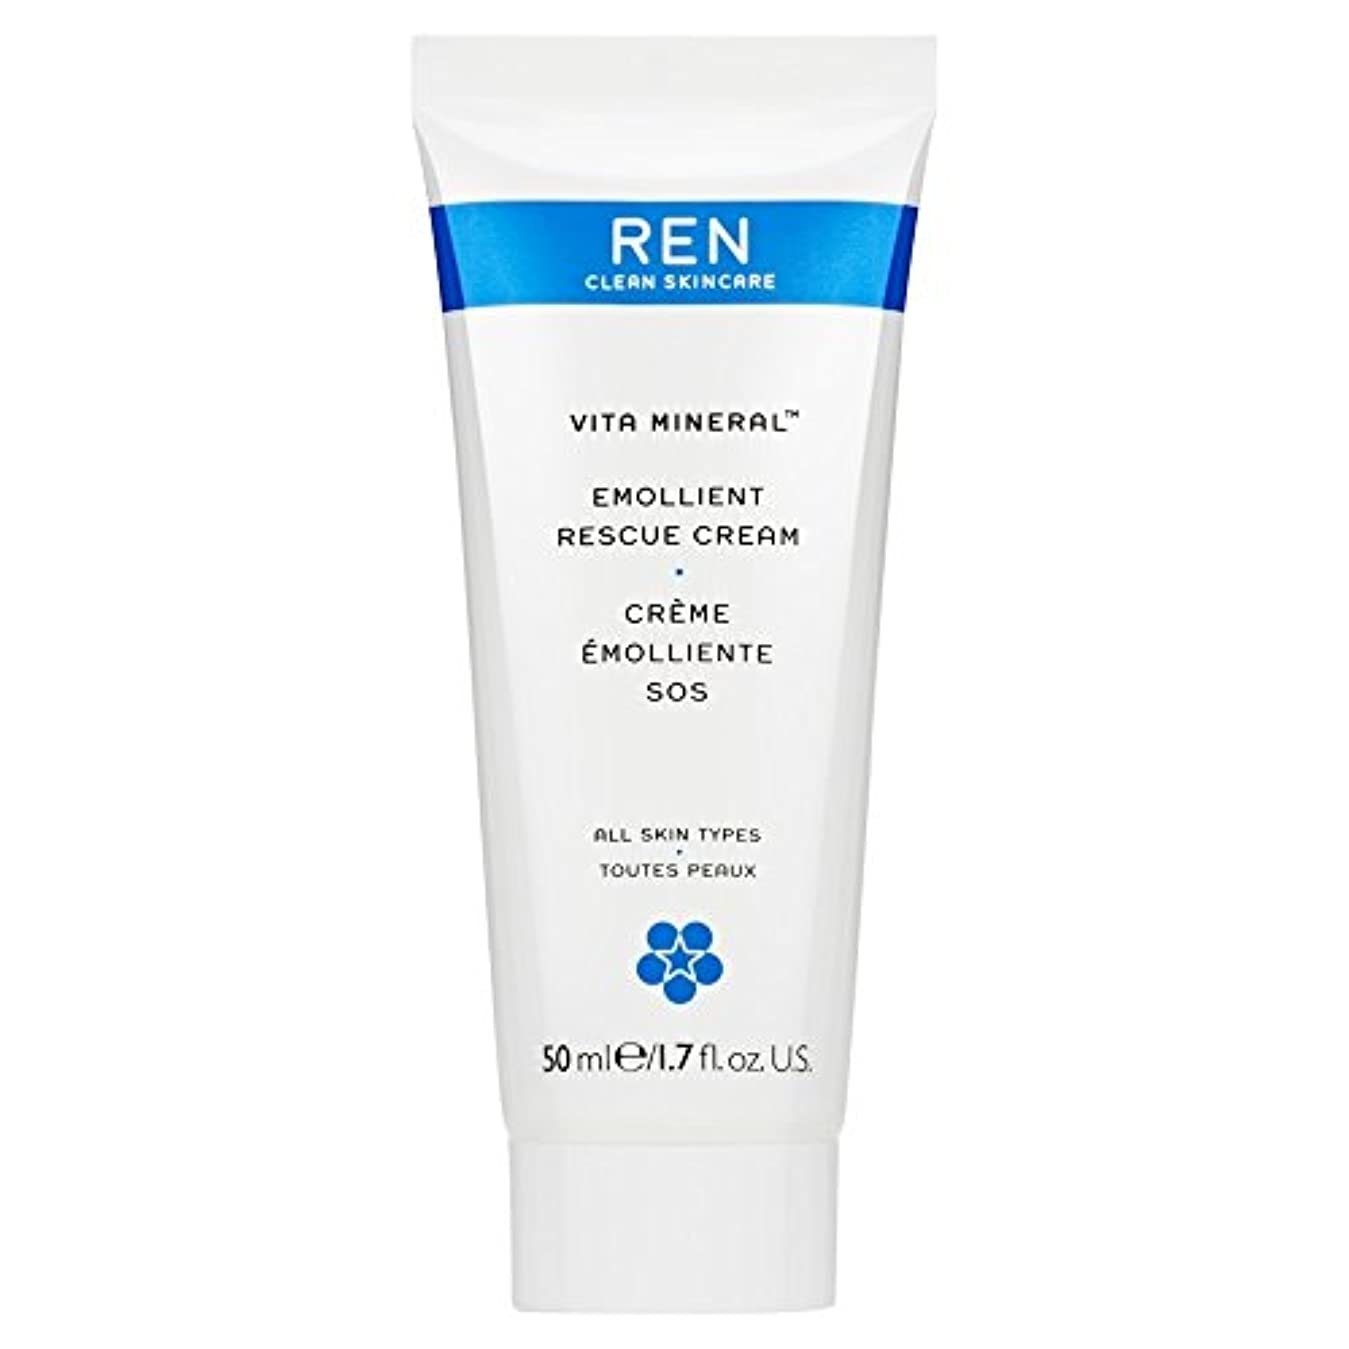 くるみファシズムいうRenヴィータミネラルレスキュークリーム、50ミリリットル (REN) (x6) - REN Vita Mineral Rescue Cream, 50ml (Pack of 6) [並行輸入品]